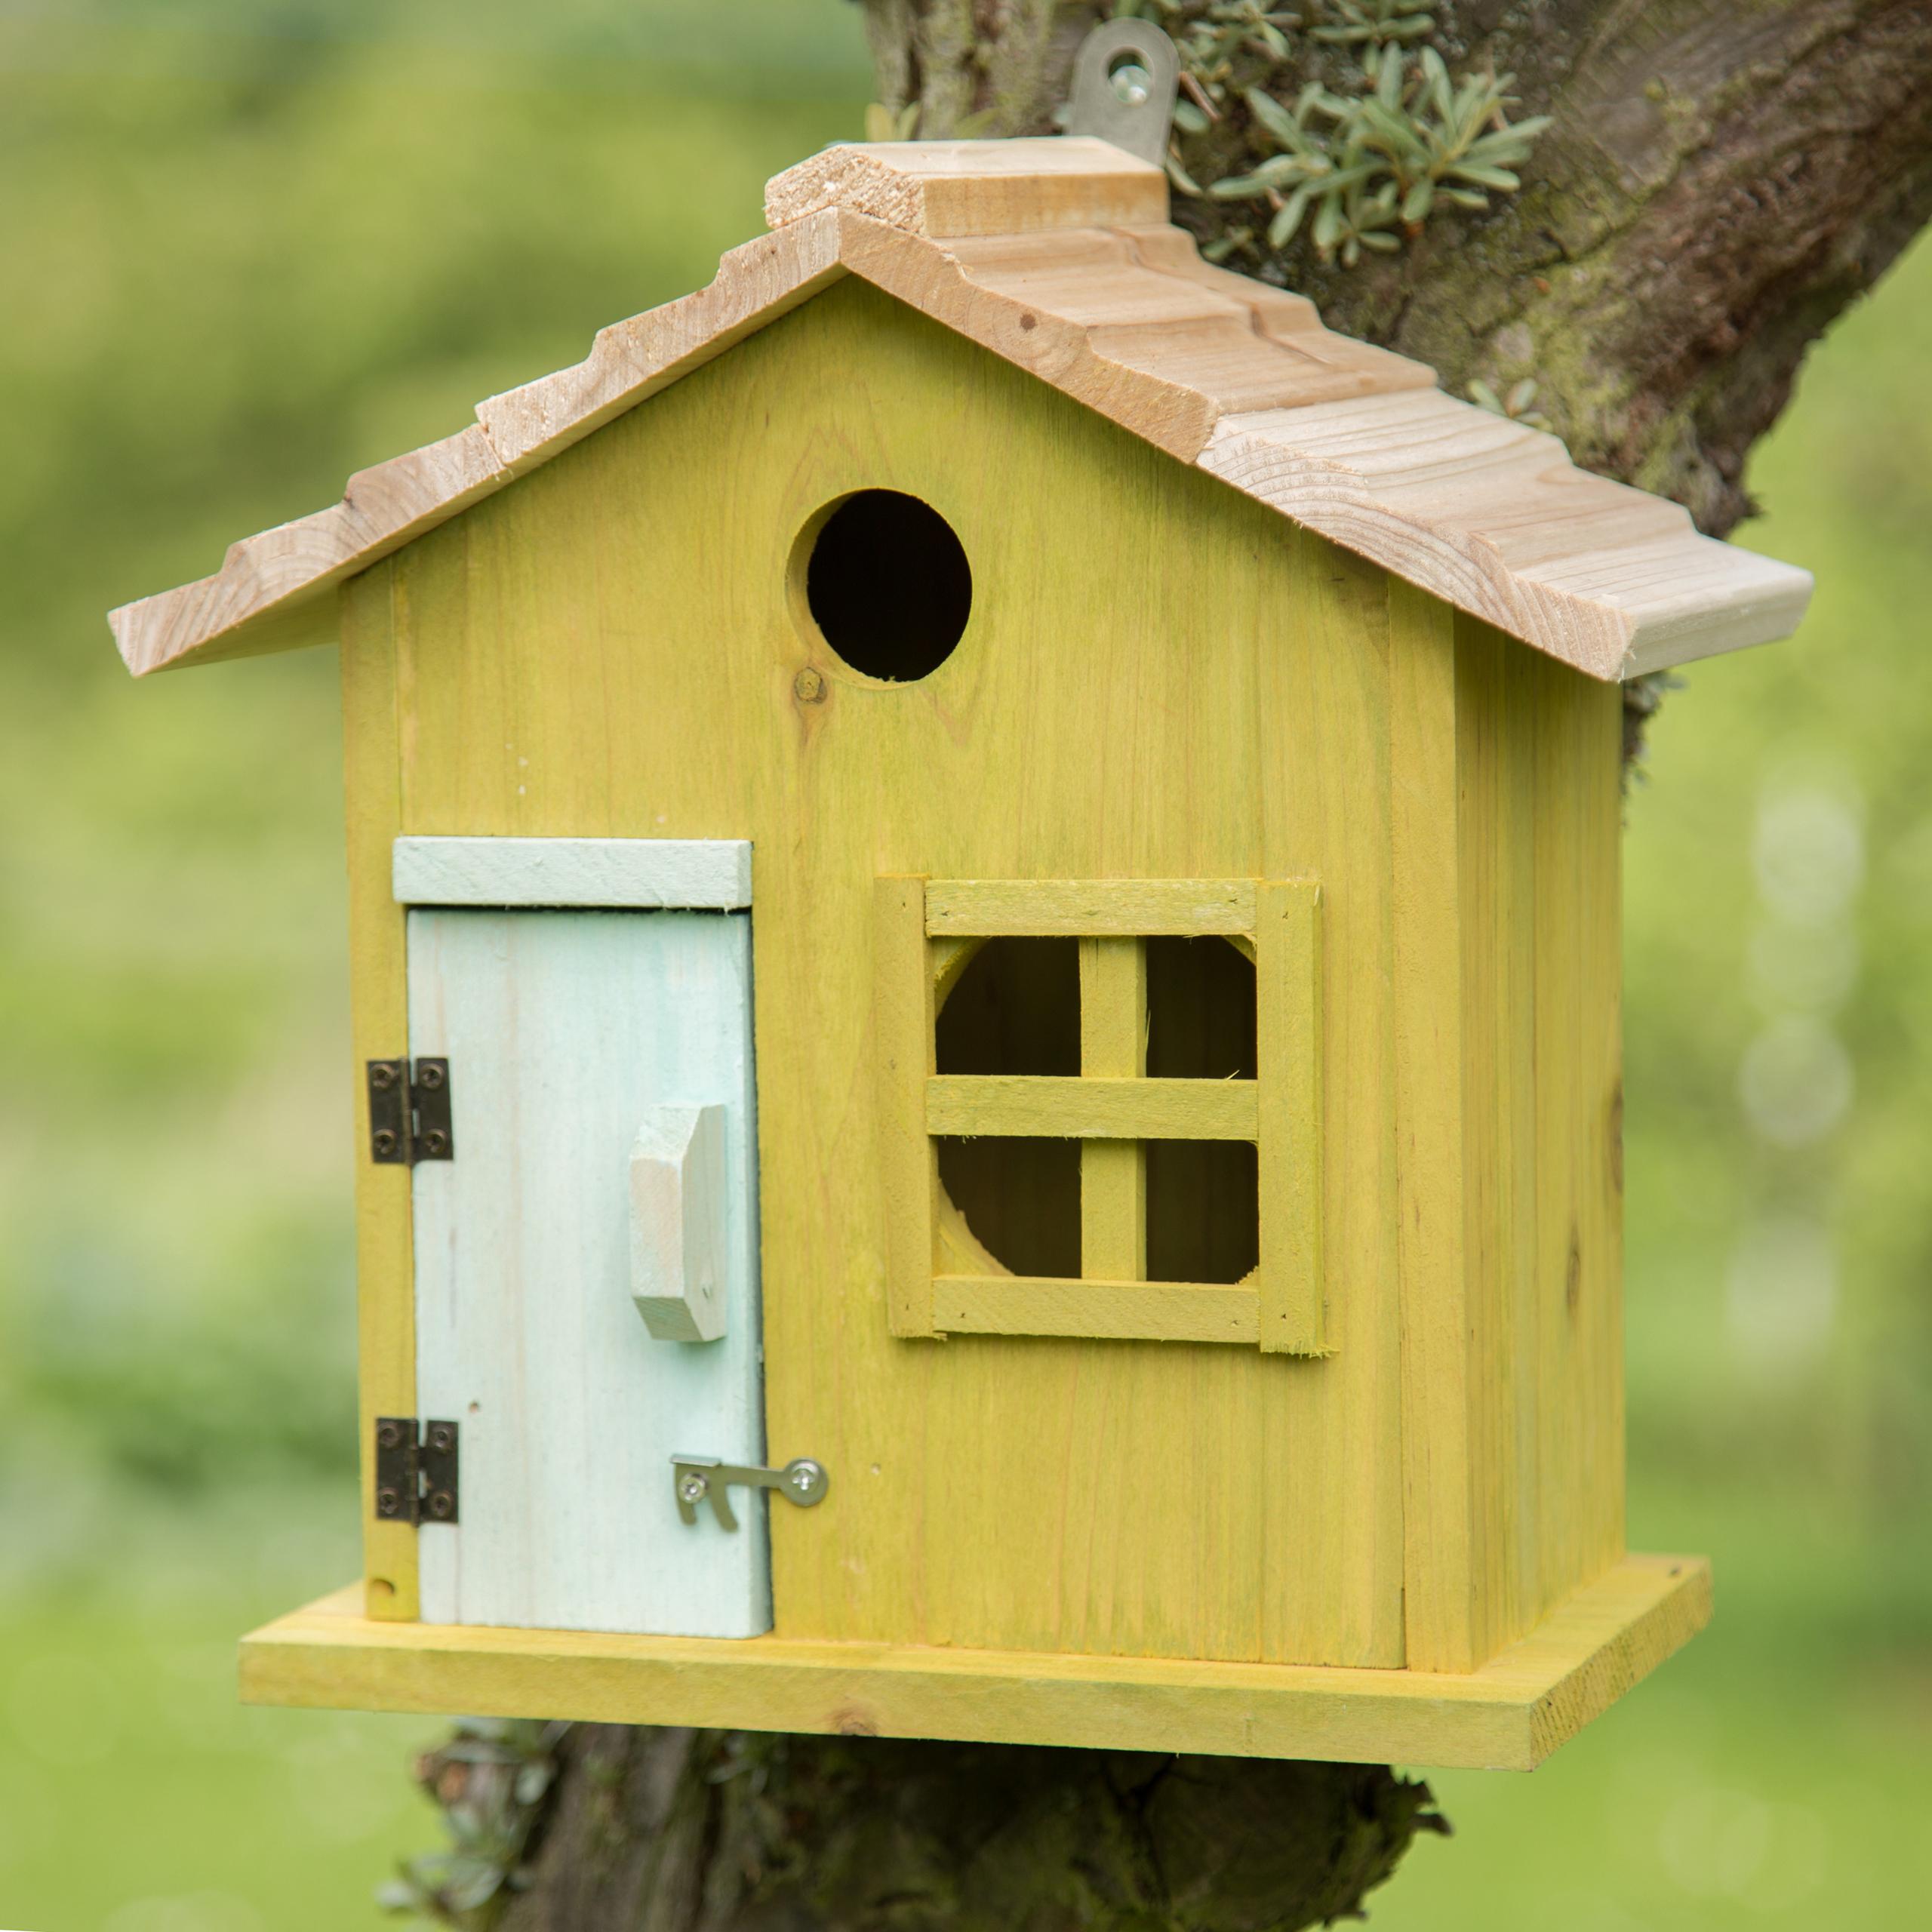 Nistkasten aus Holz Vögel bunt in Häuschenform mit Tür und Fenster Vogelhaus